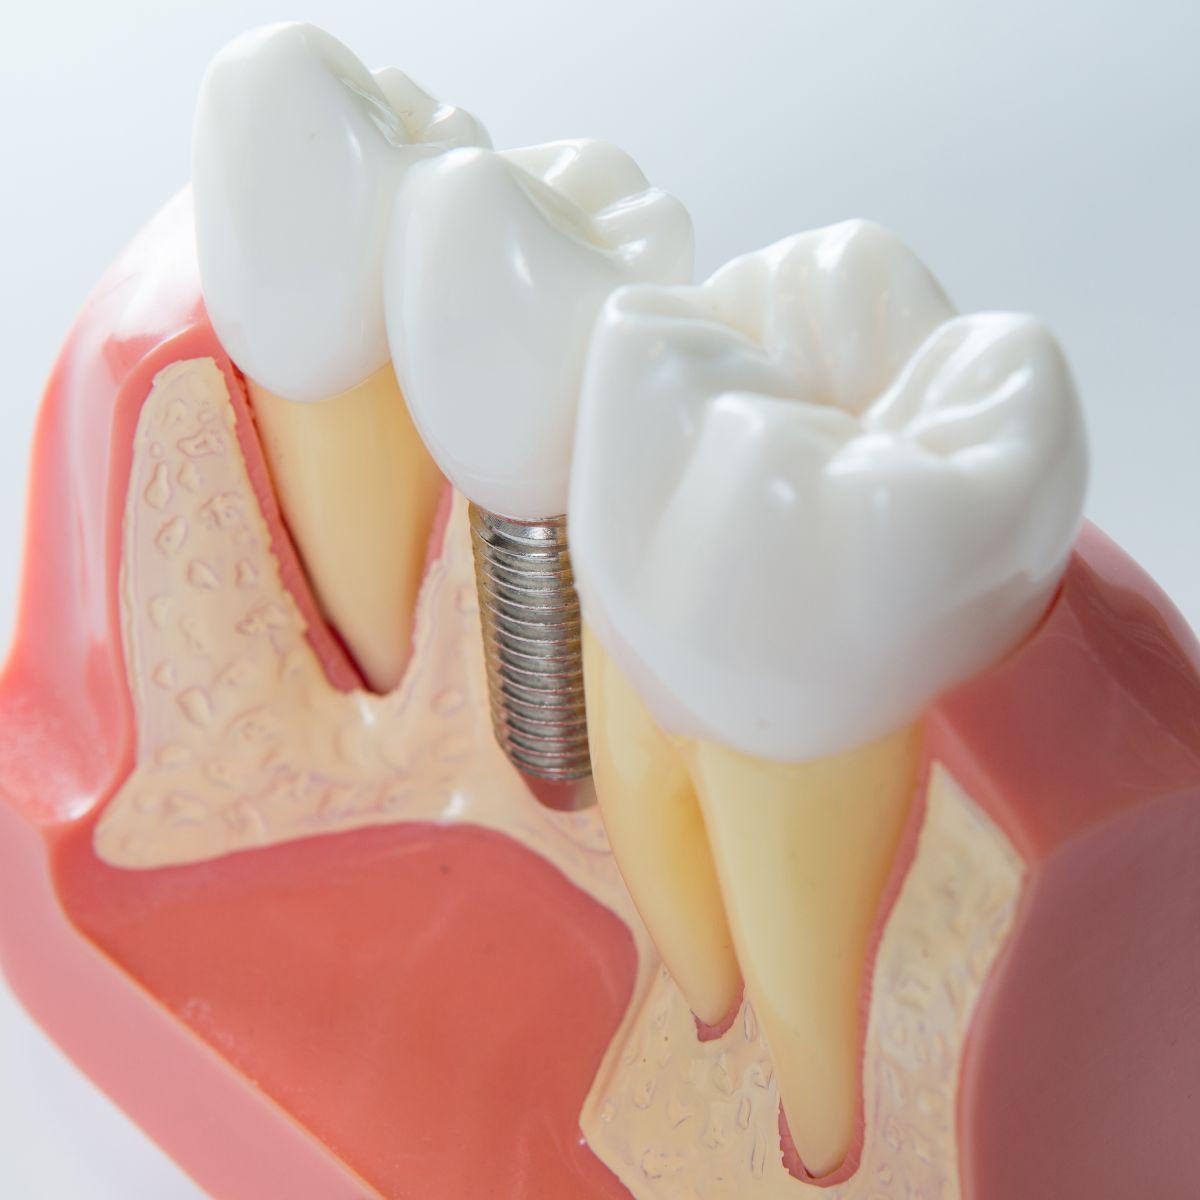 ugradnja implanta implantati cena